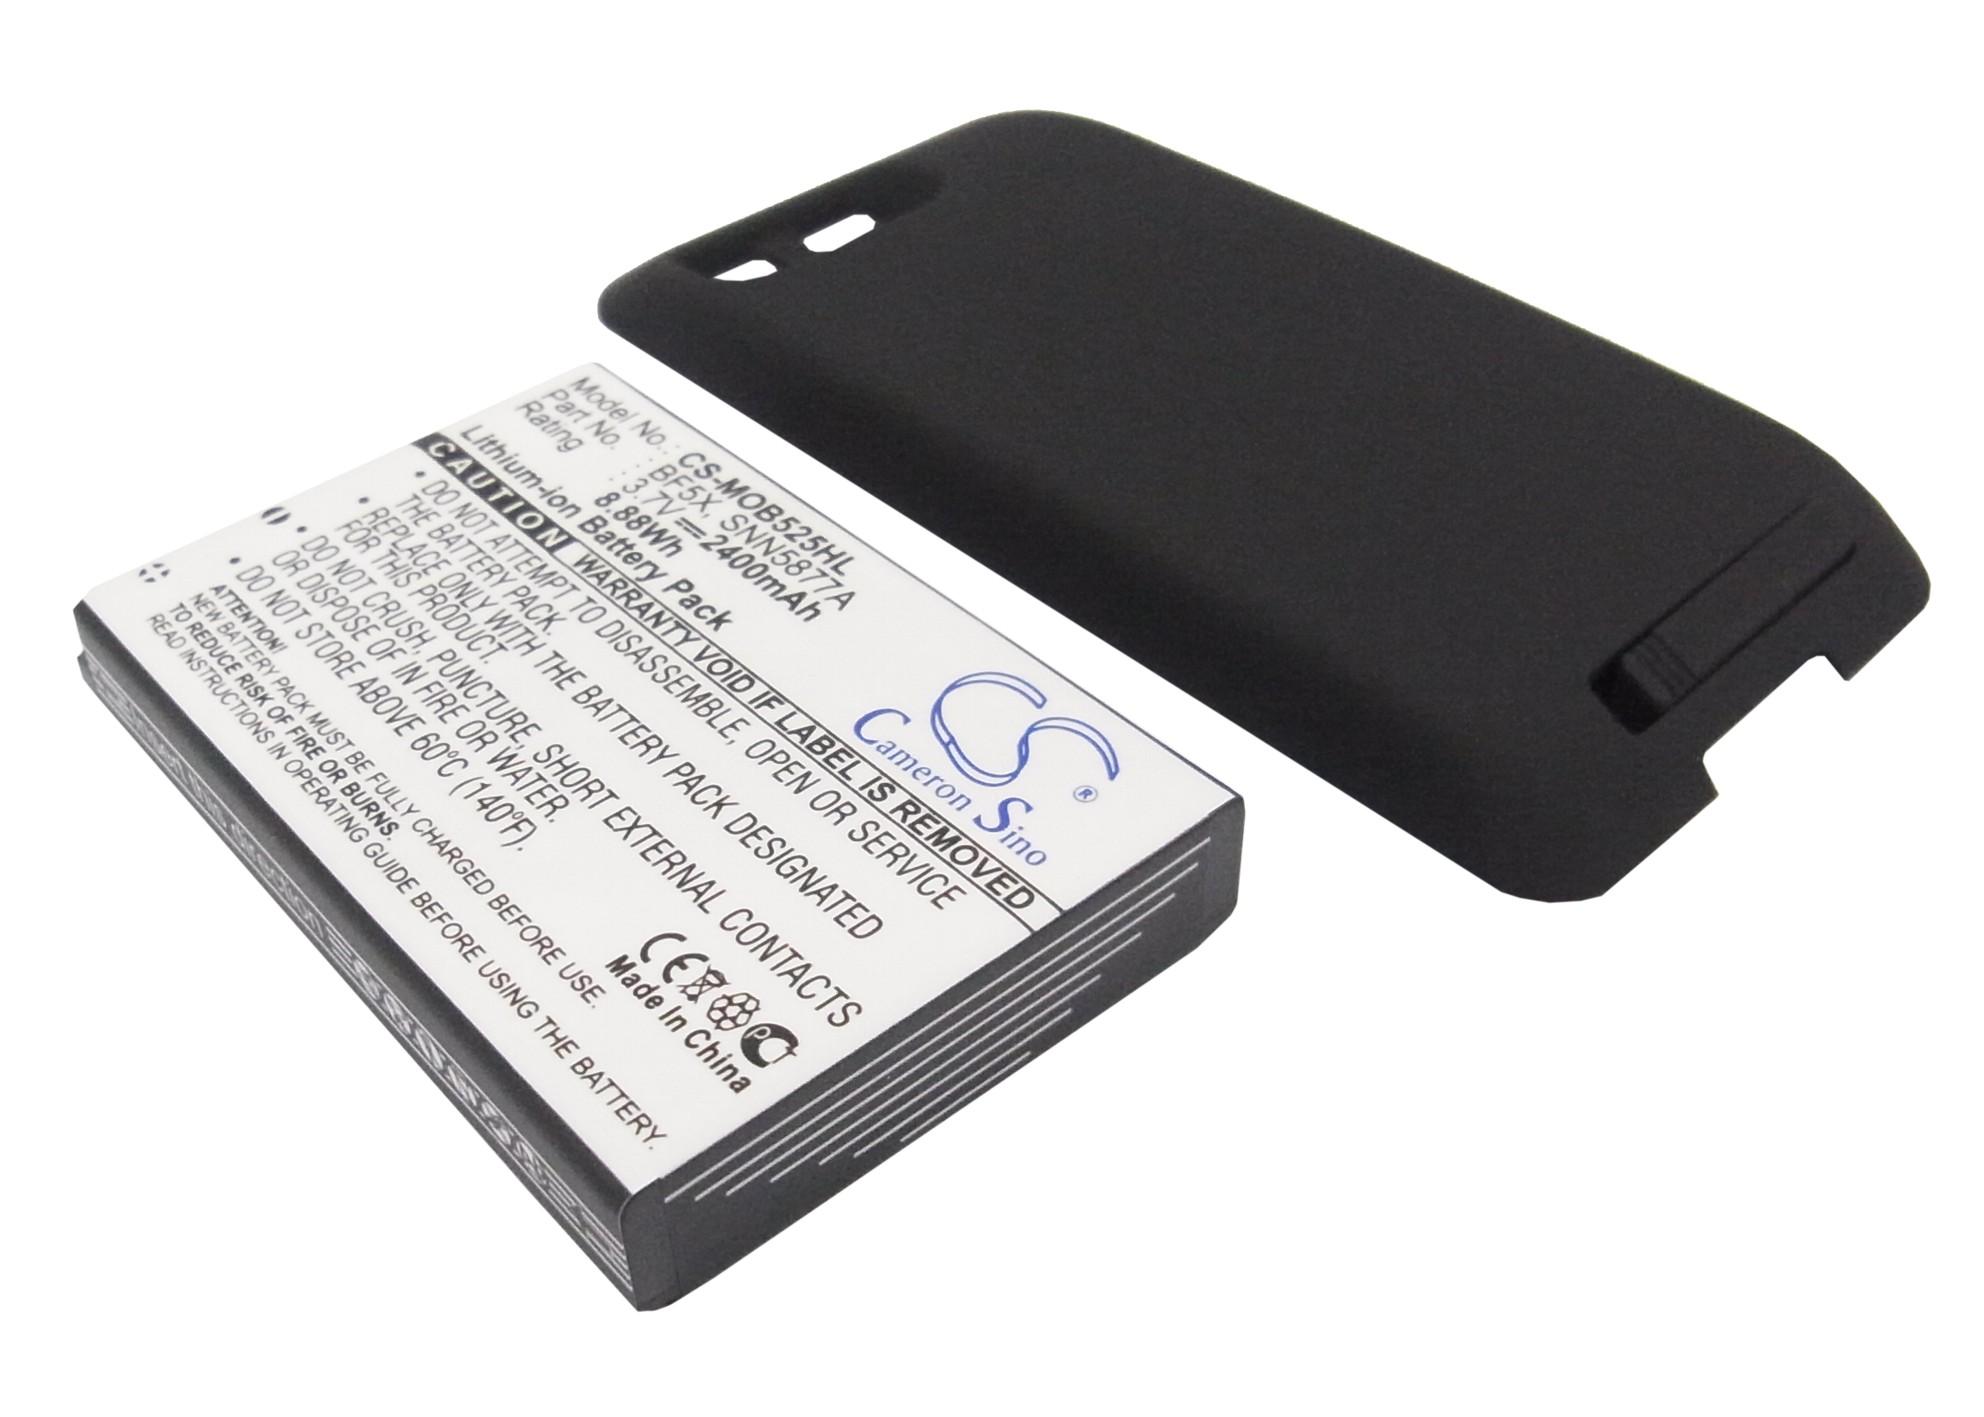 Cameron Sino baterie do mobilů pro MOTOROLA Defy 3.7V Li-ion 2400mAh černá - neoriginální